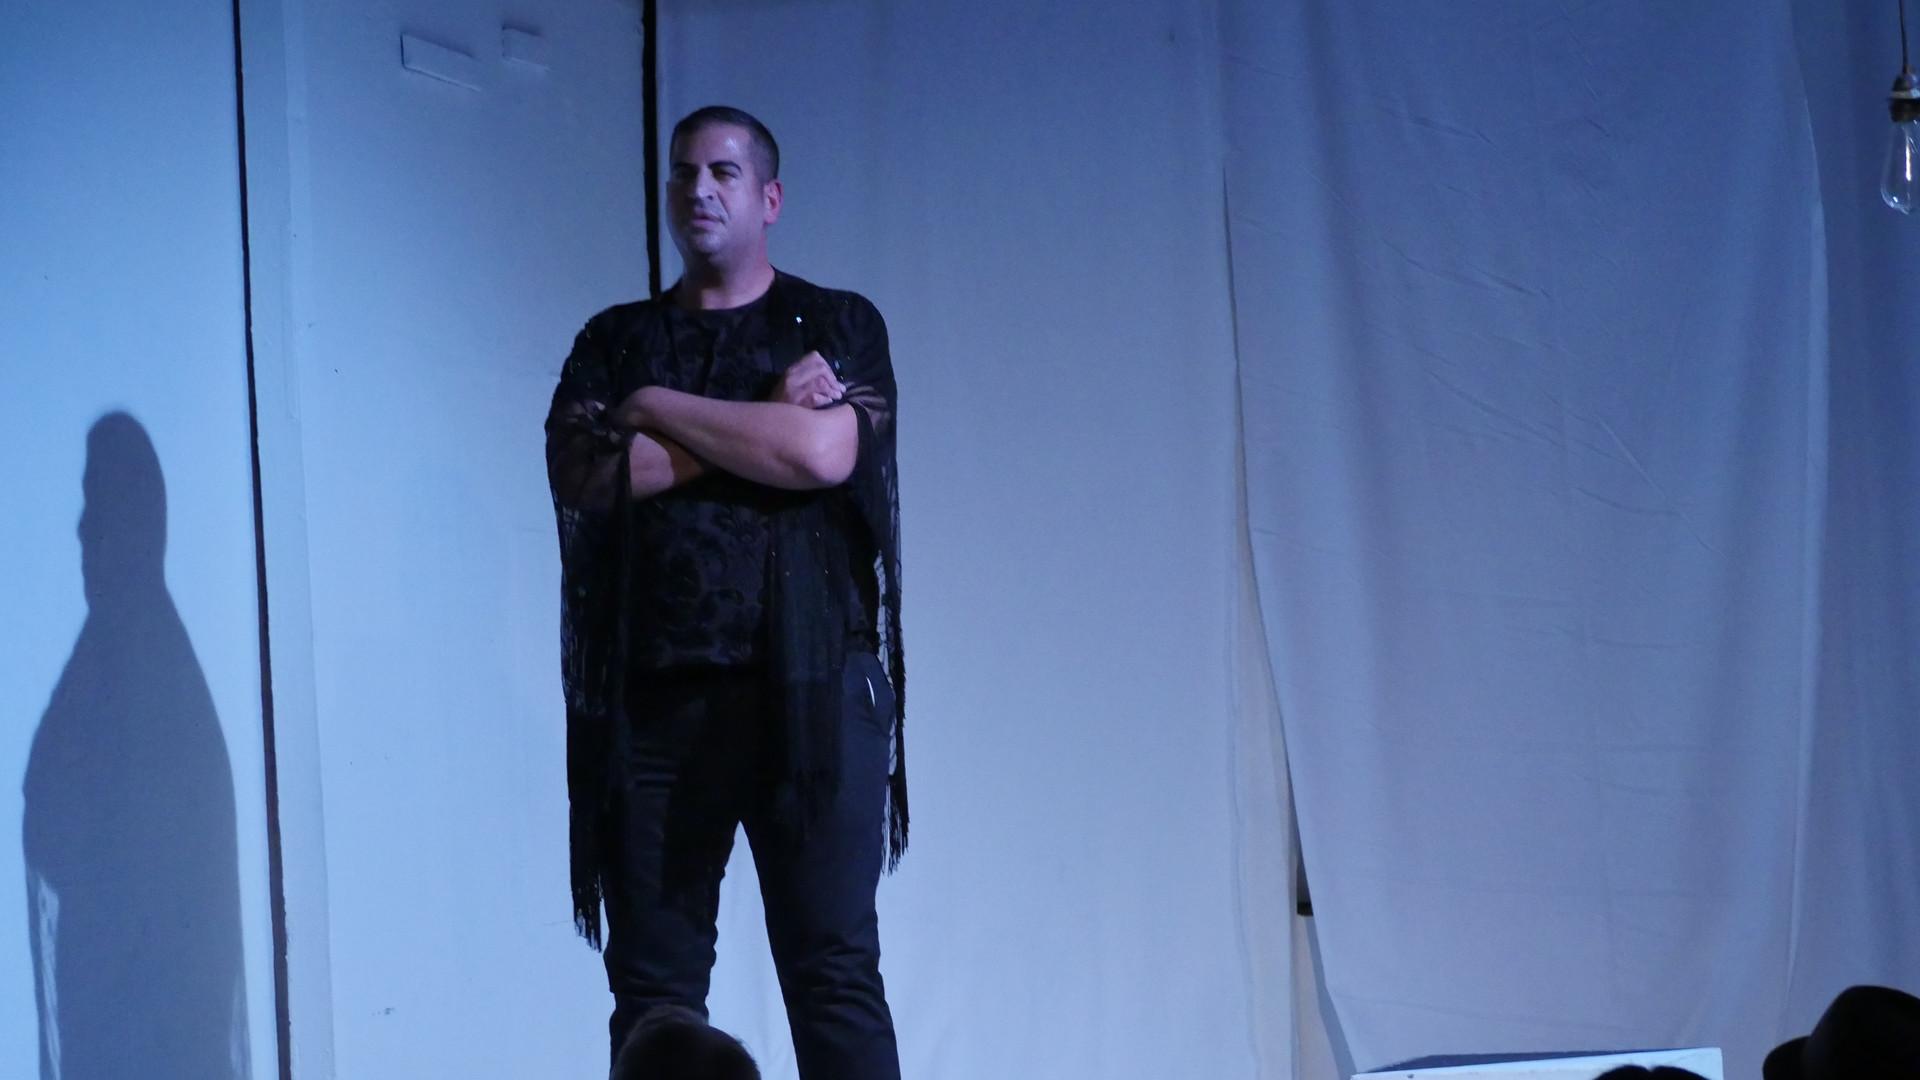 Ramy El-Etreby